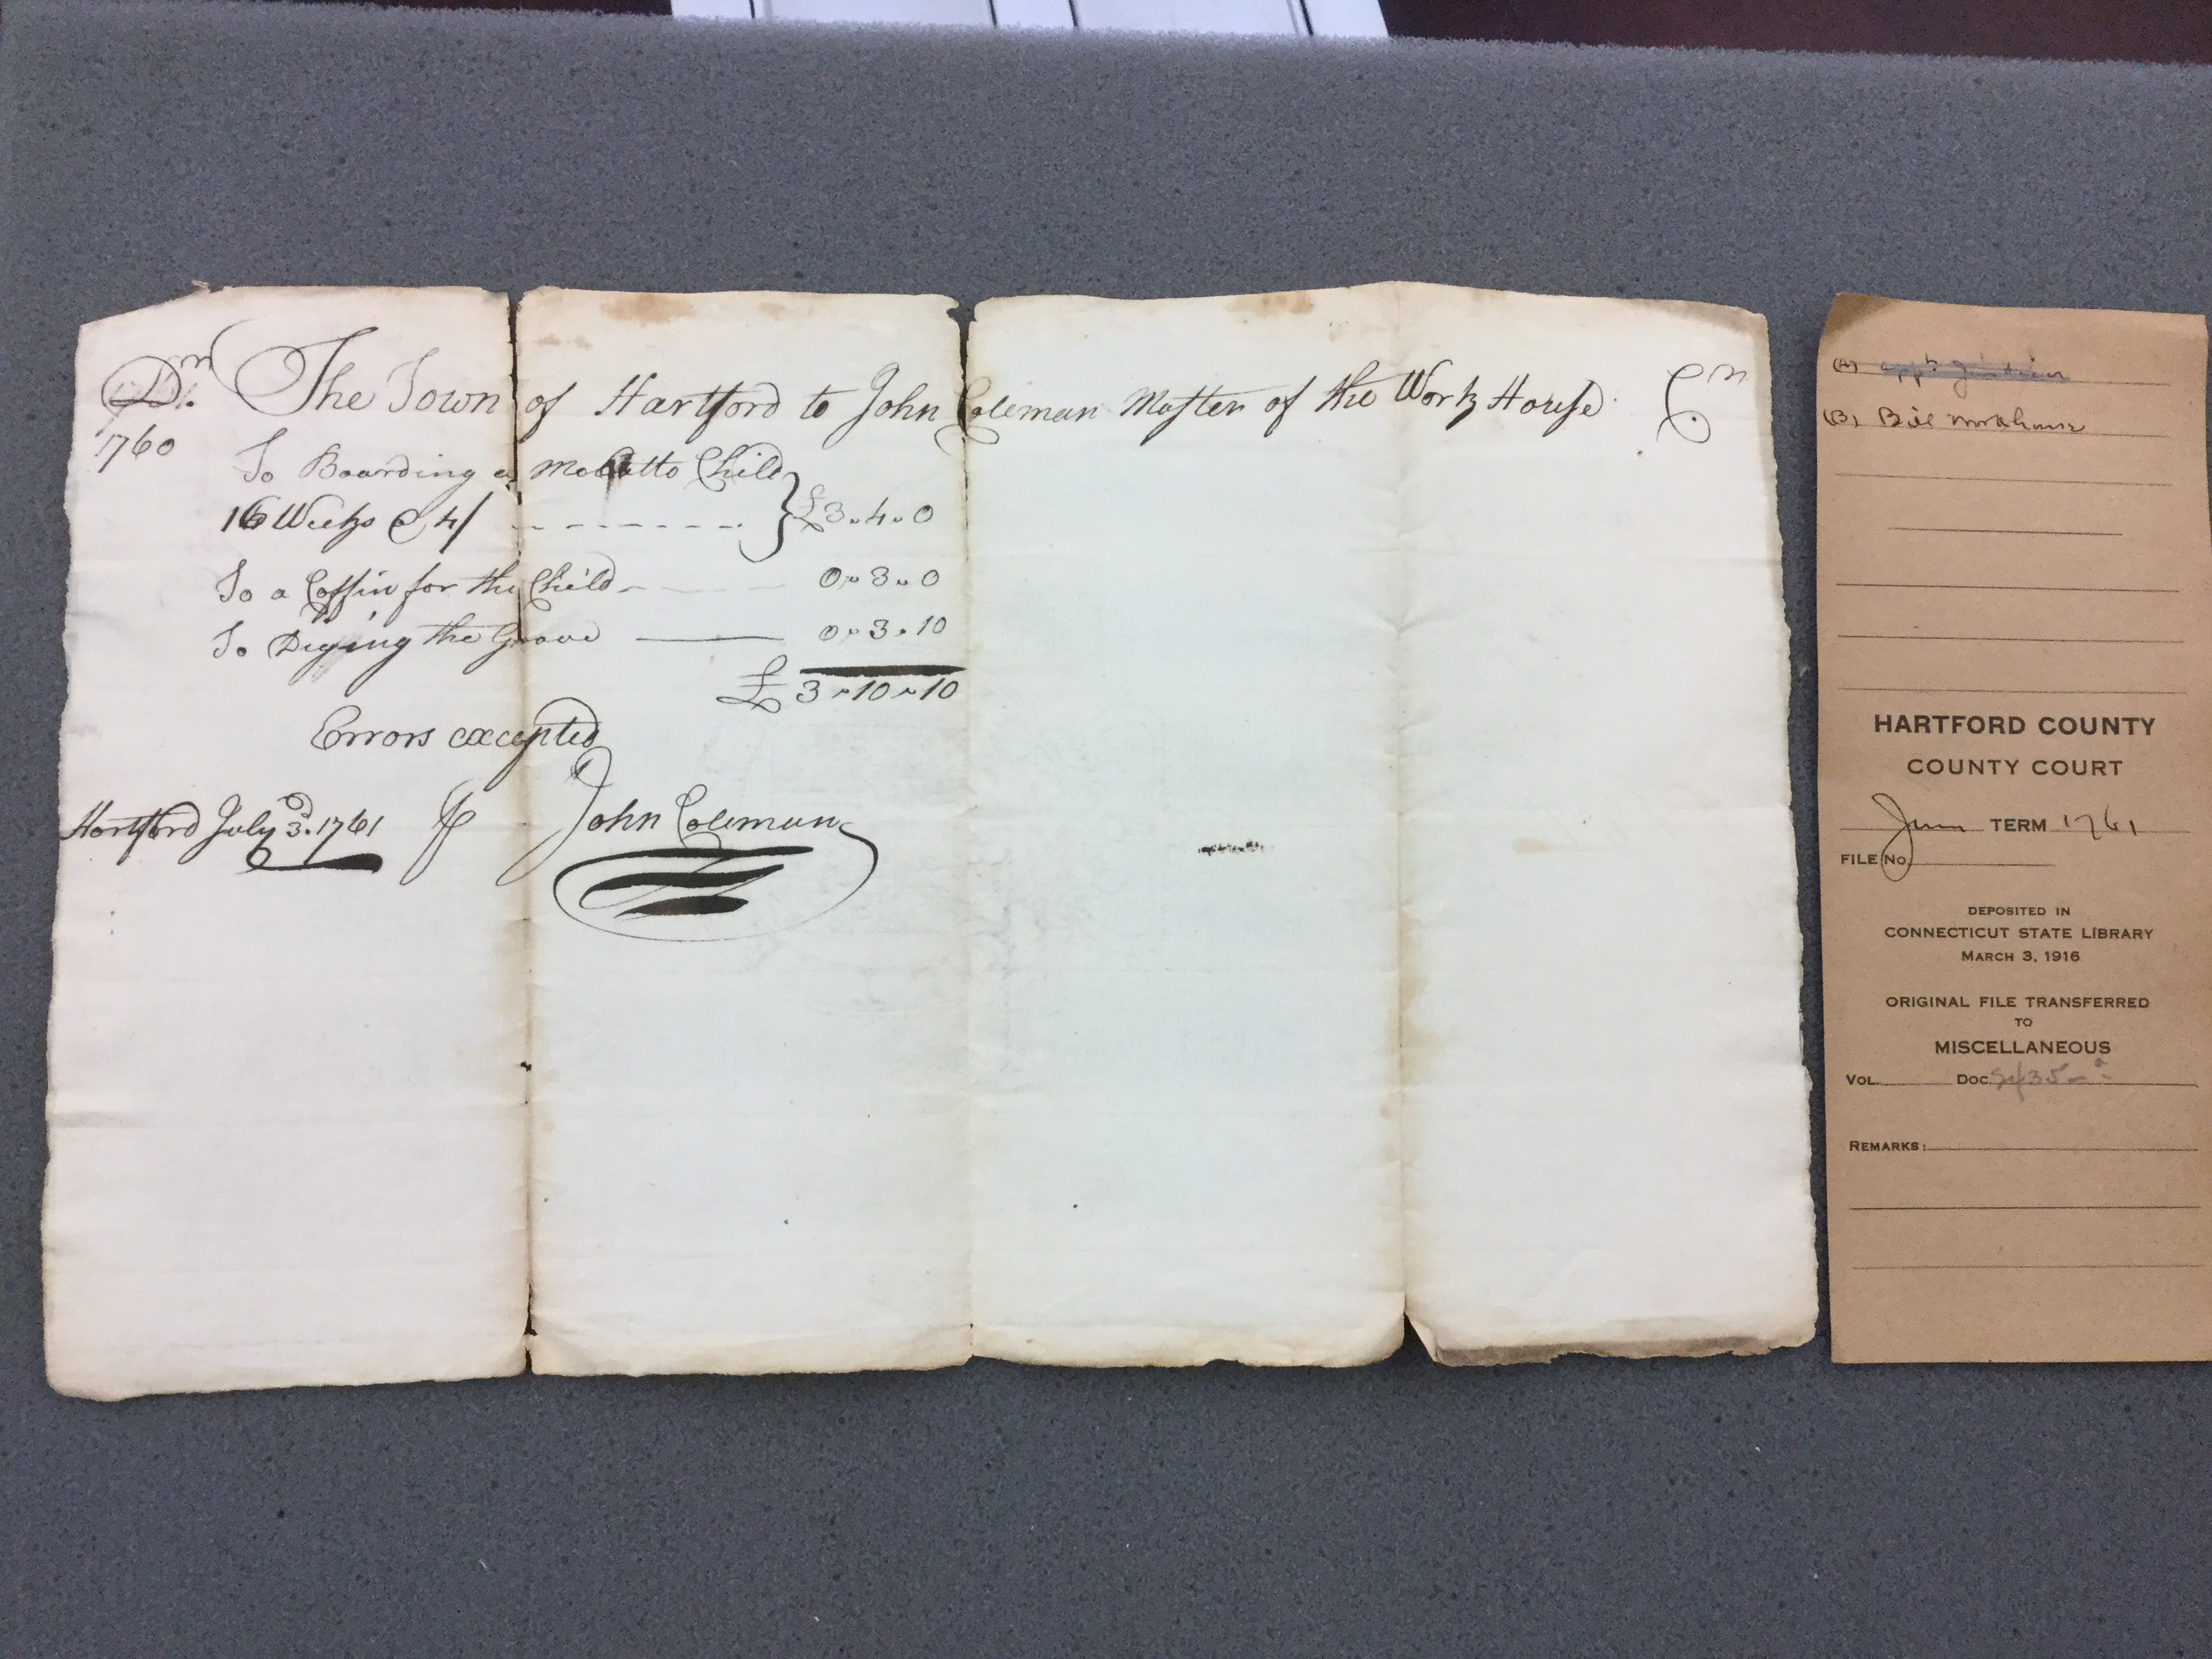 Photo of document - mulatto child's coffin bill